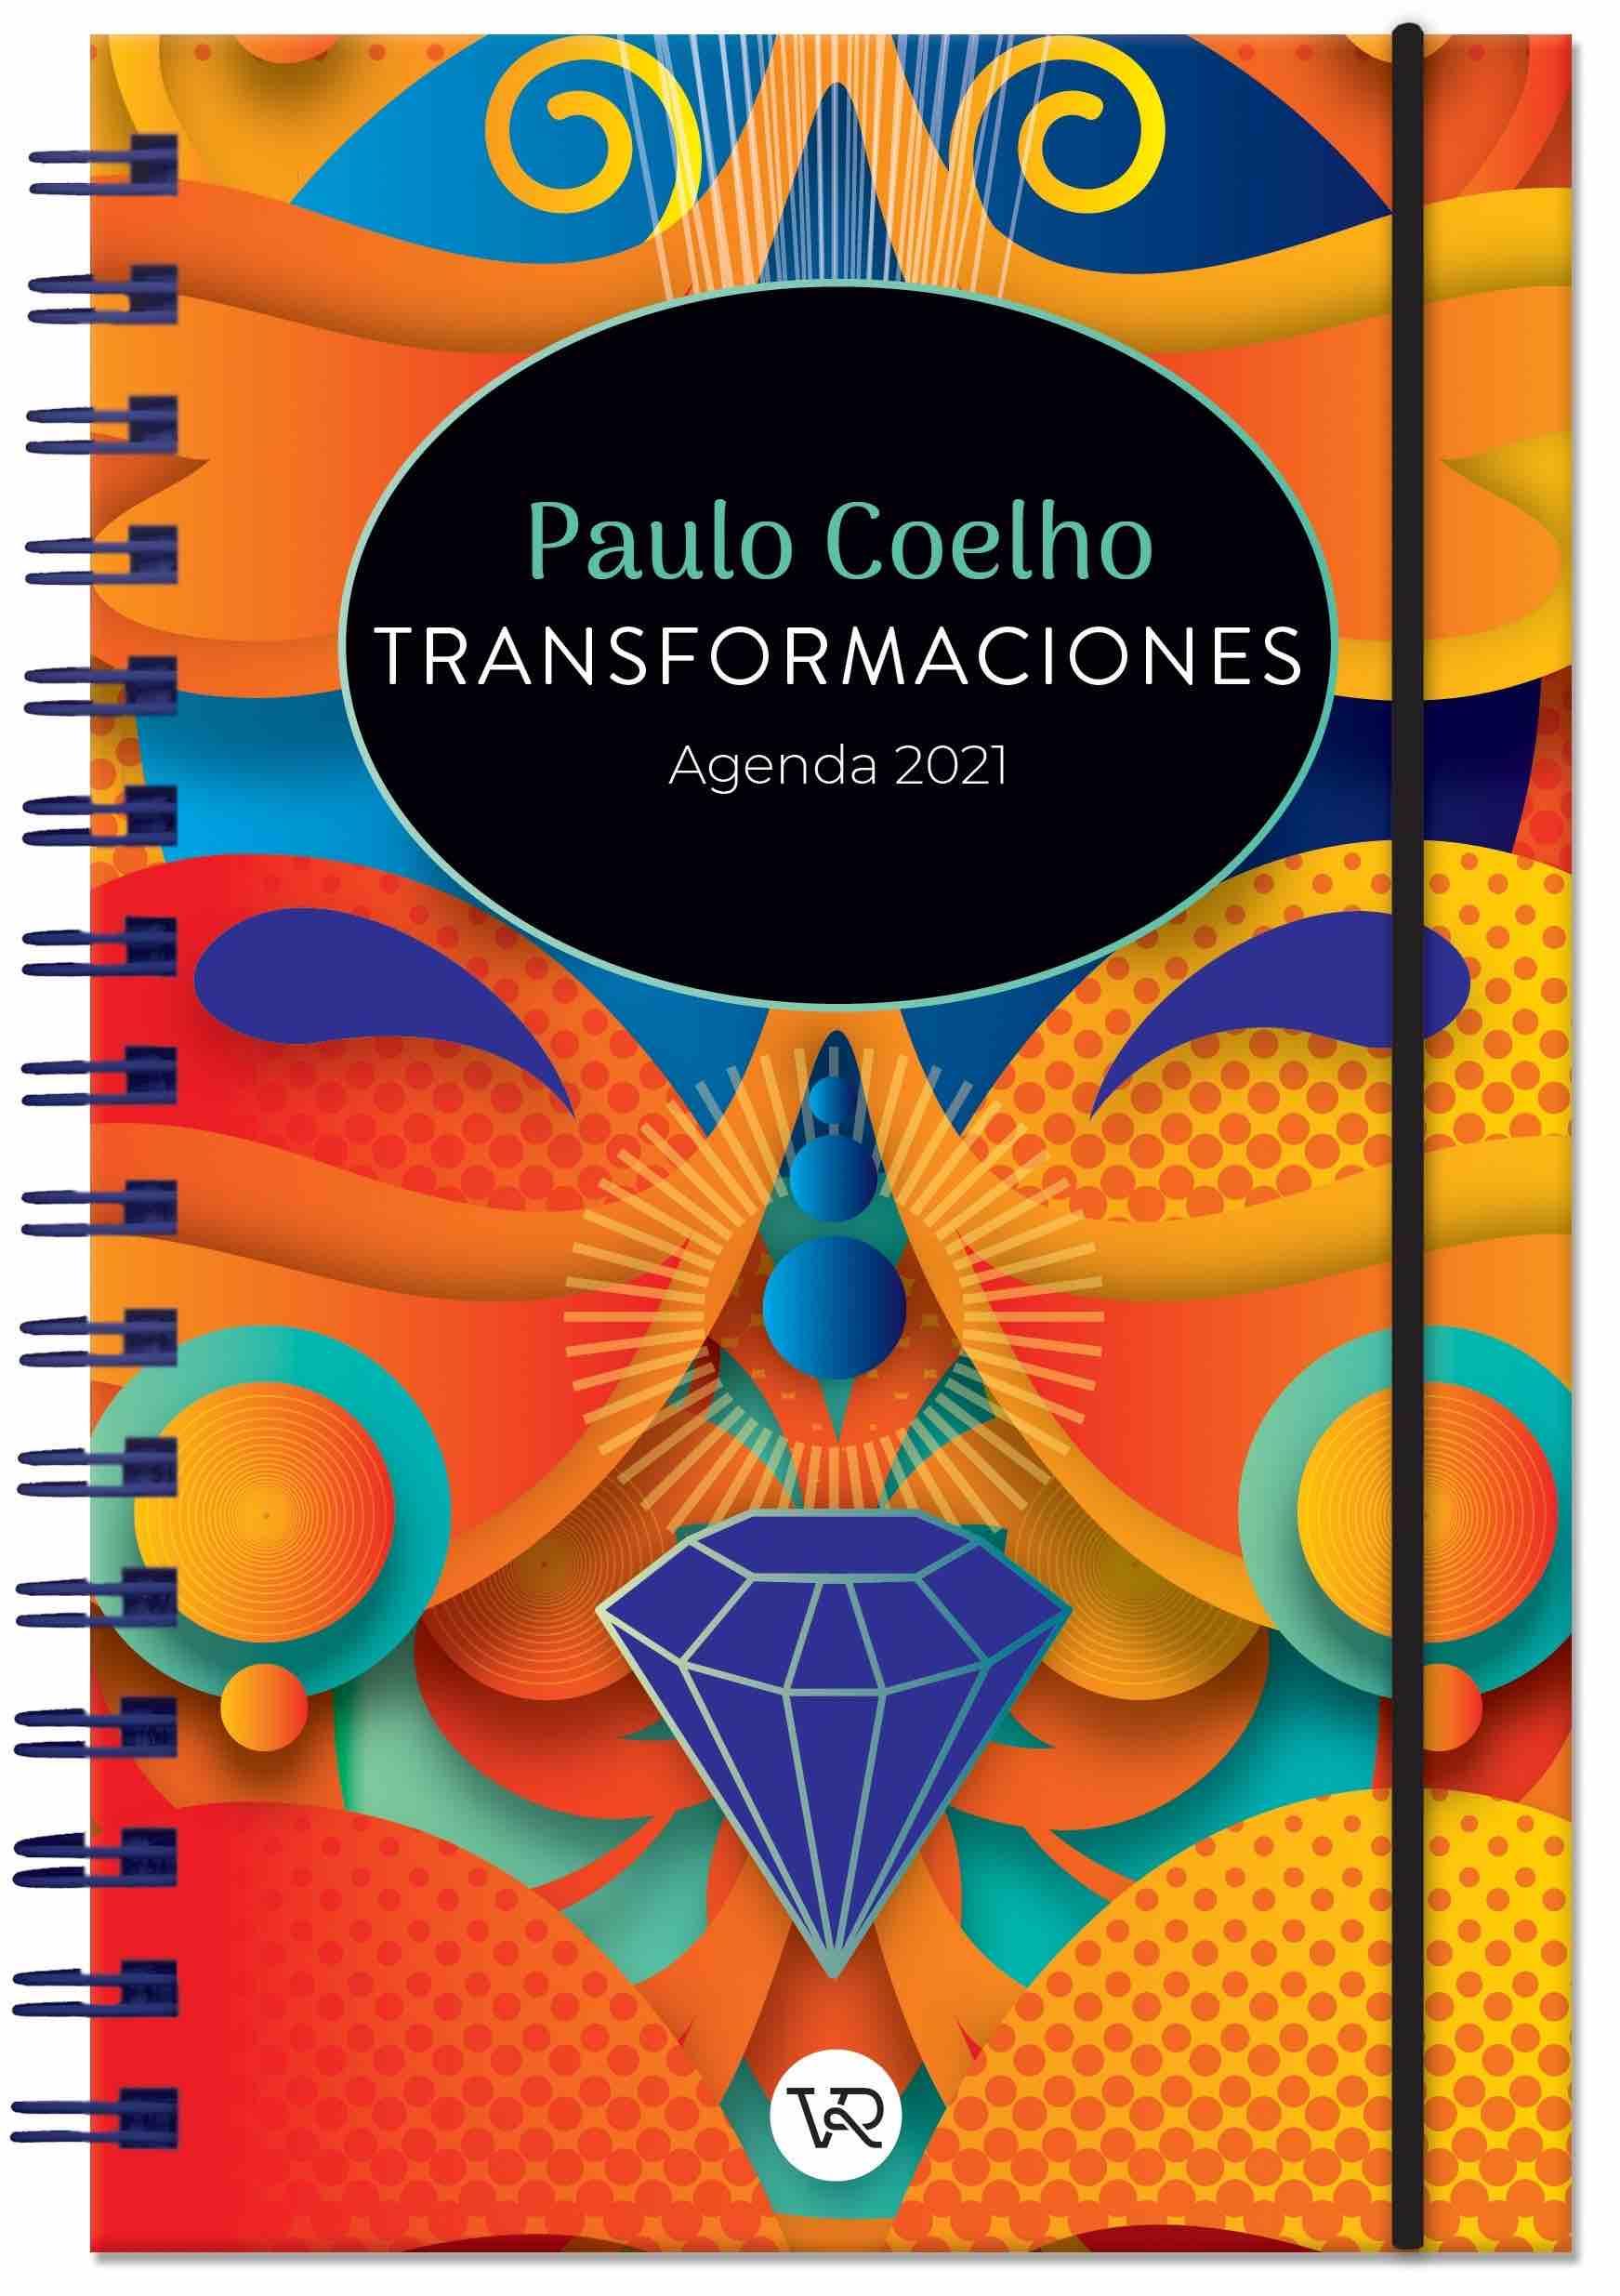 AGENDA 2021 PAULO COELHO TRANSFORMACIONES DIAMANTE ANILLADA